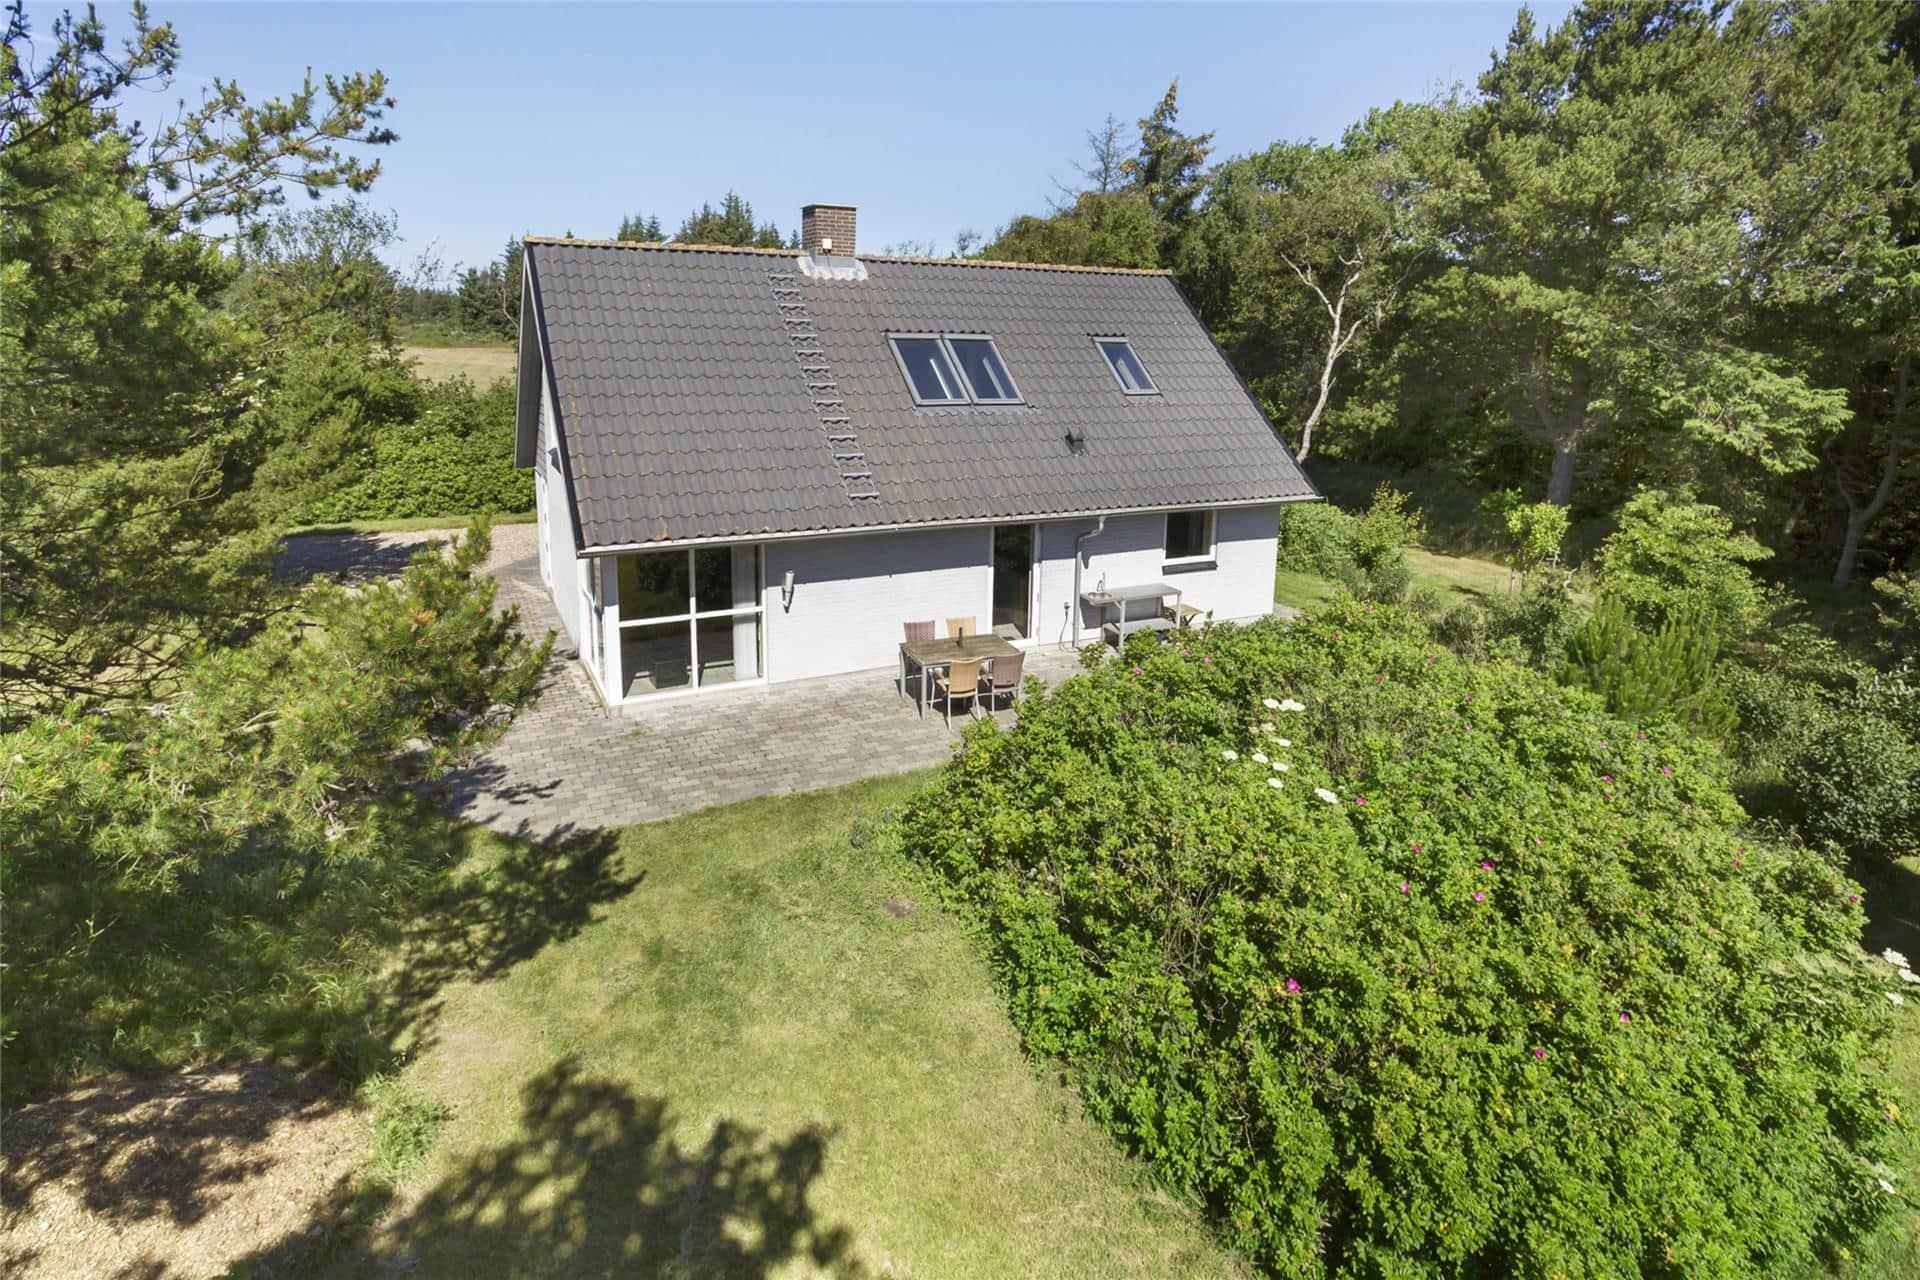 Bild 1-13 Ferienhaus 852, Istrupvej 35, DK - 7755 Bedsted Thy